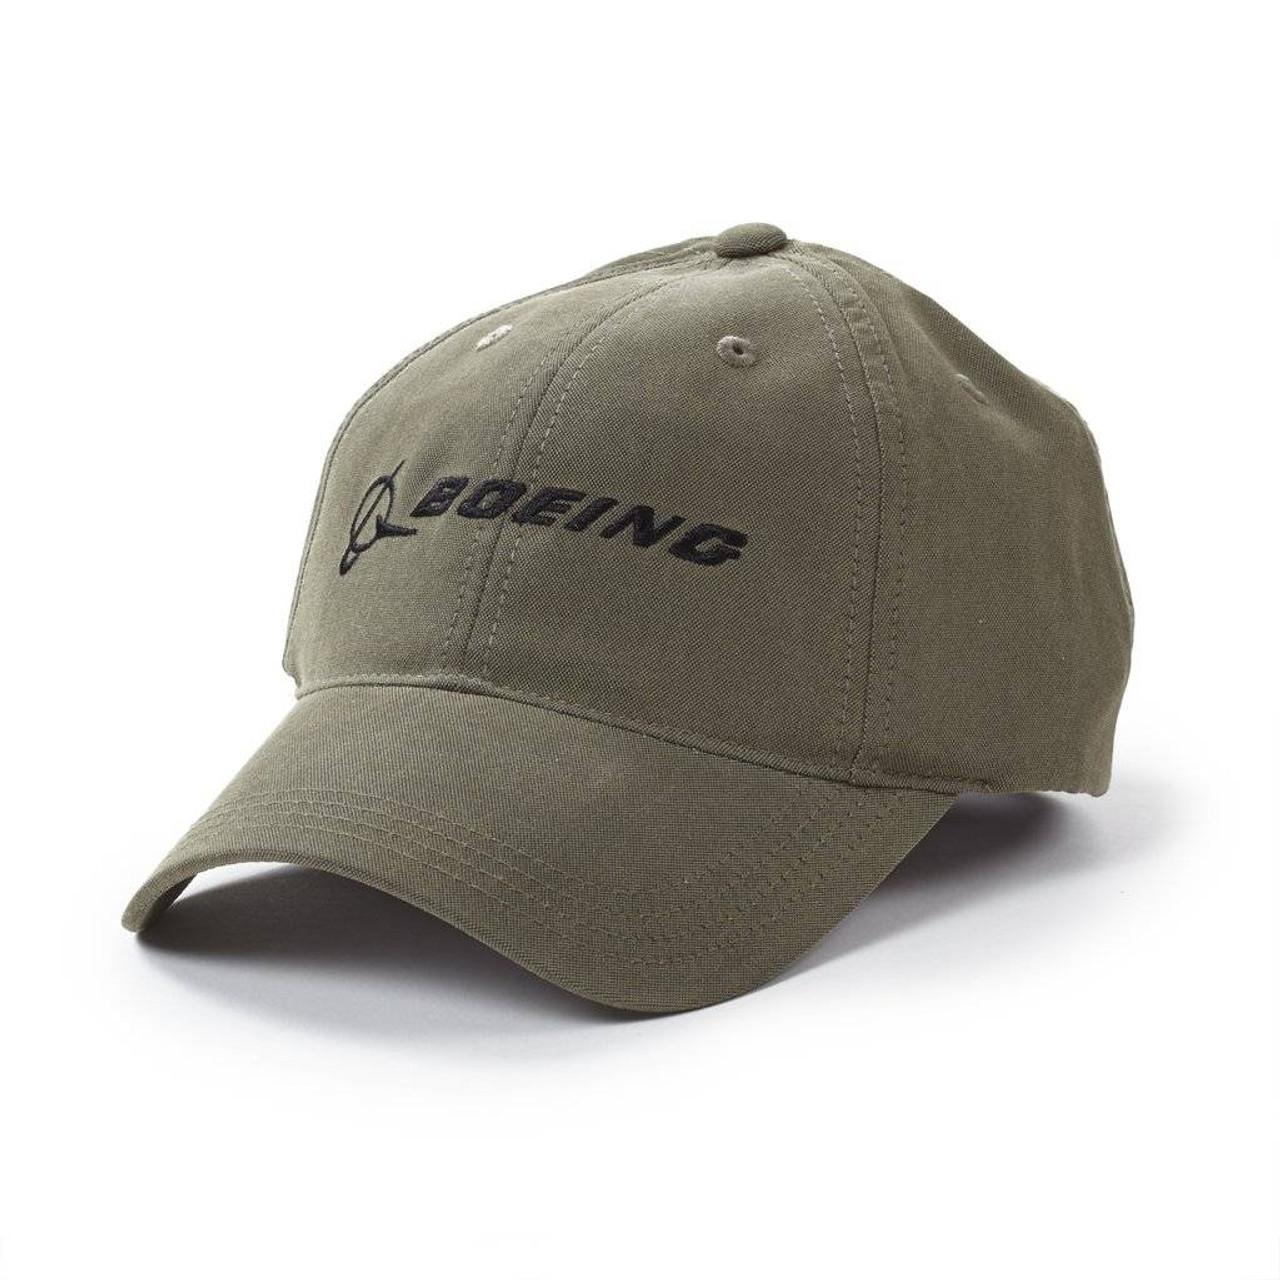 Boeing Executive Signature Cap (Green)